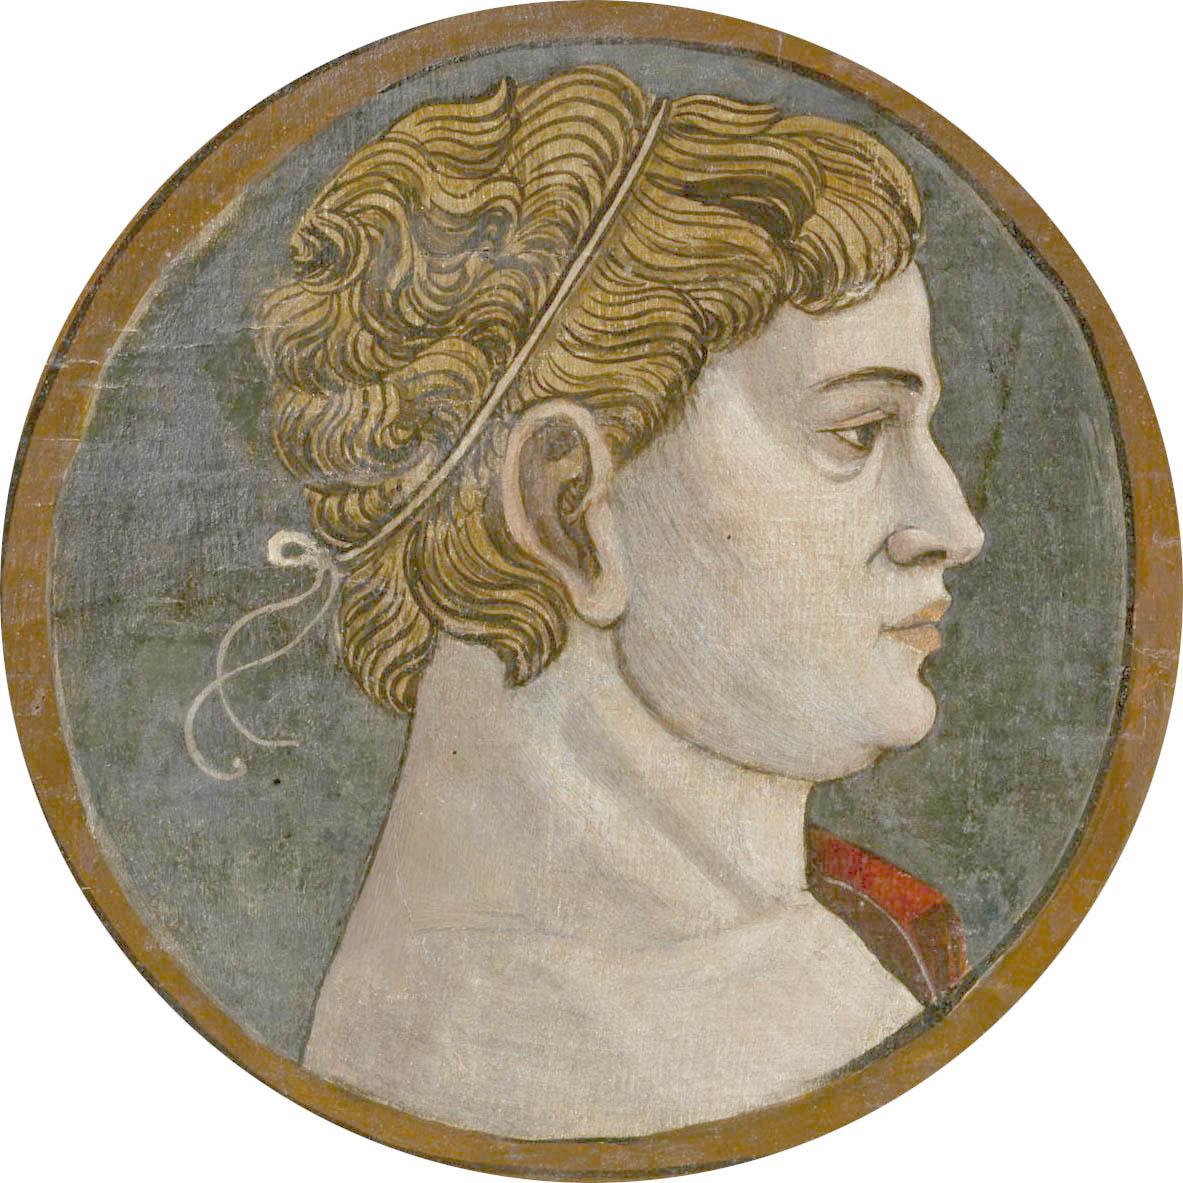 Автор неизвестен Ломбардия  Античный портрет мужчины 9 викт и альб обрез светлый.jpg